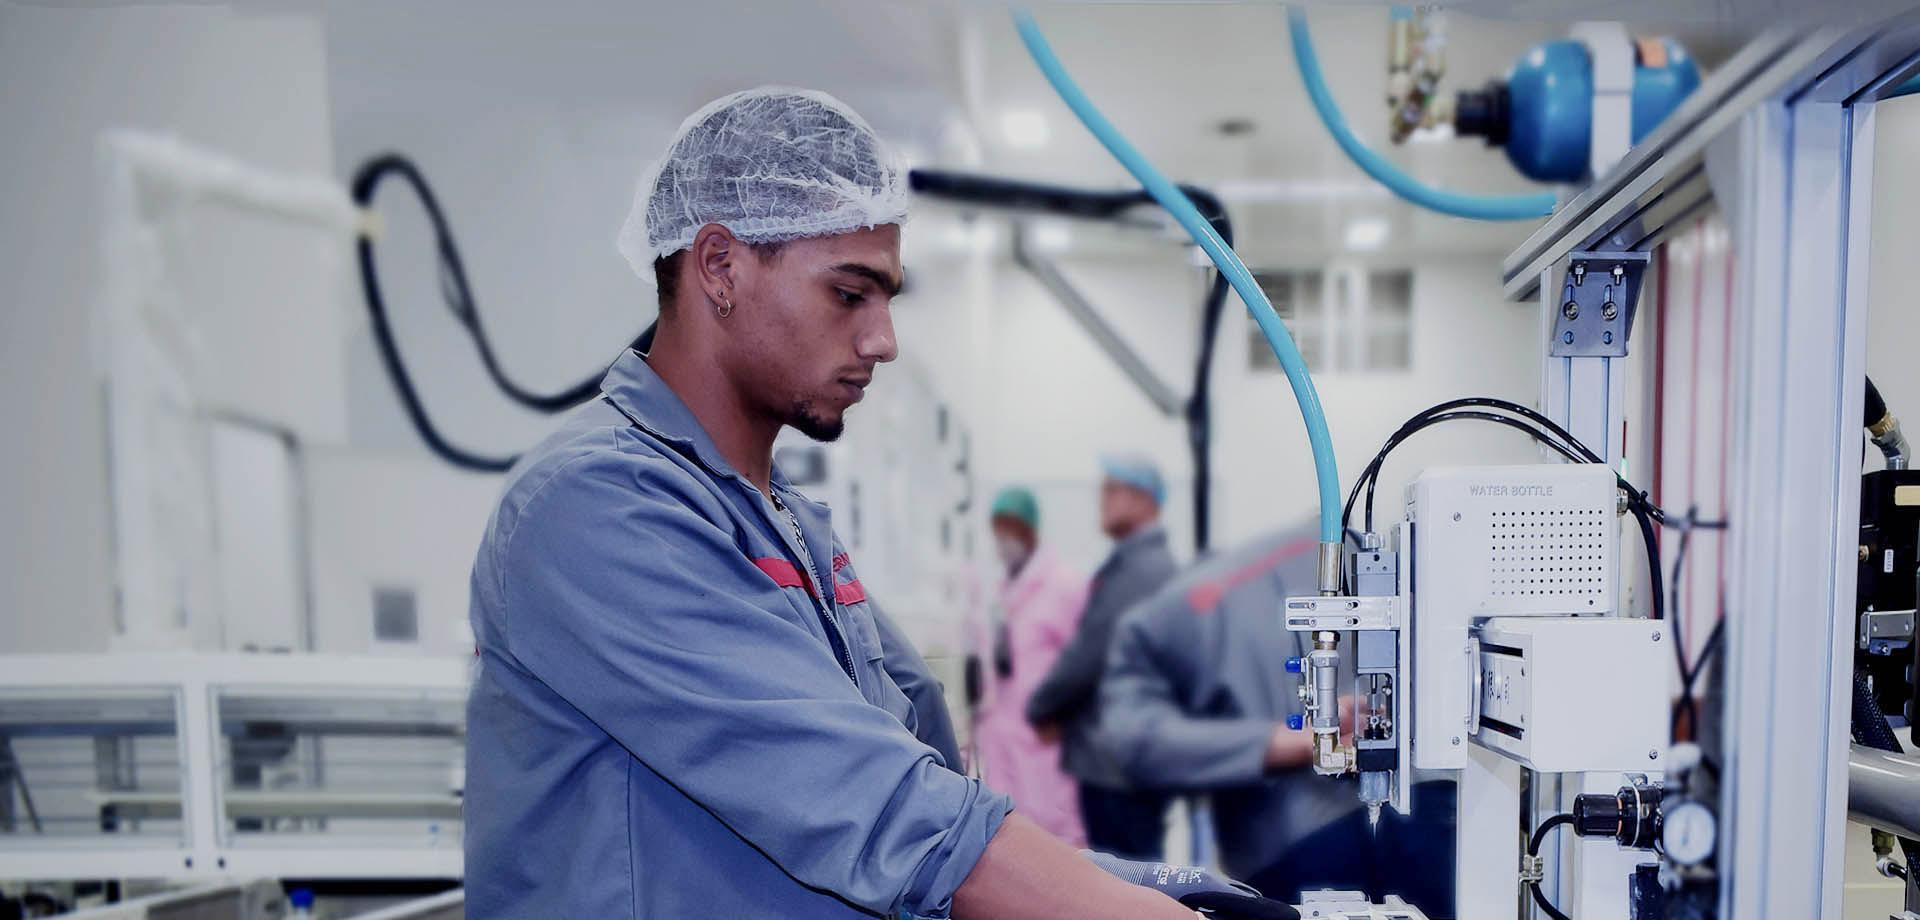 南アフリカの製造工場が操業を開始し、アフリカの